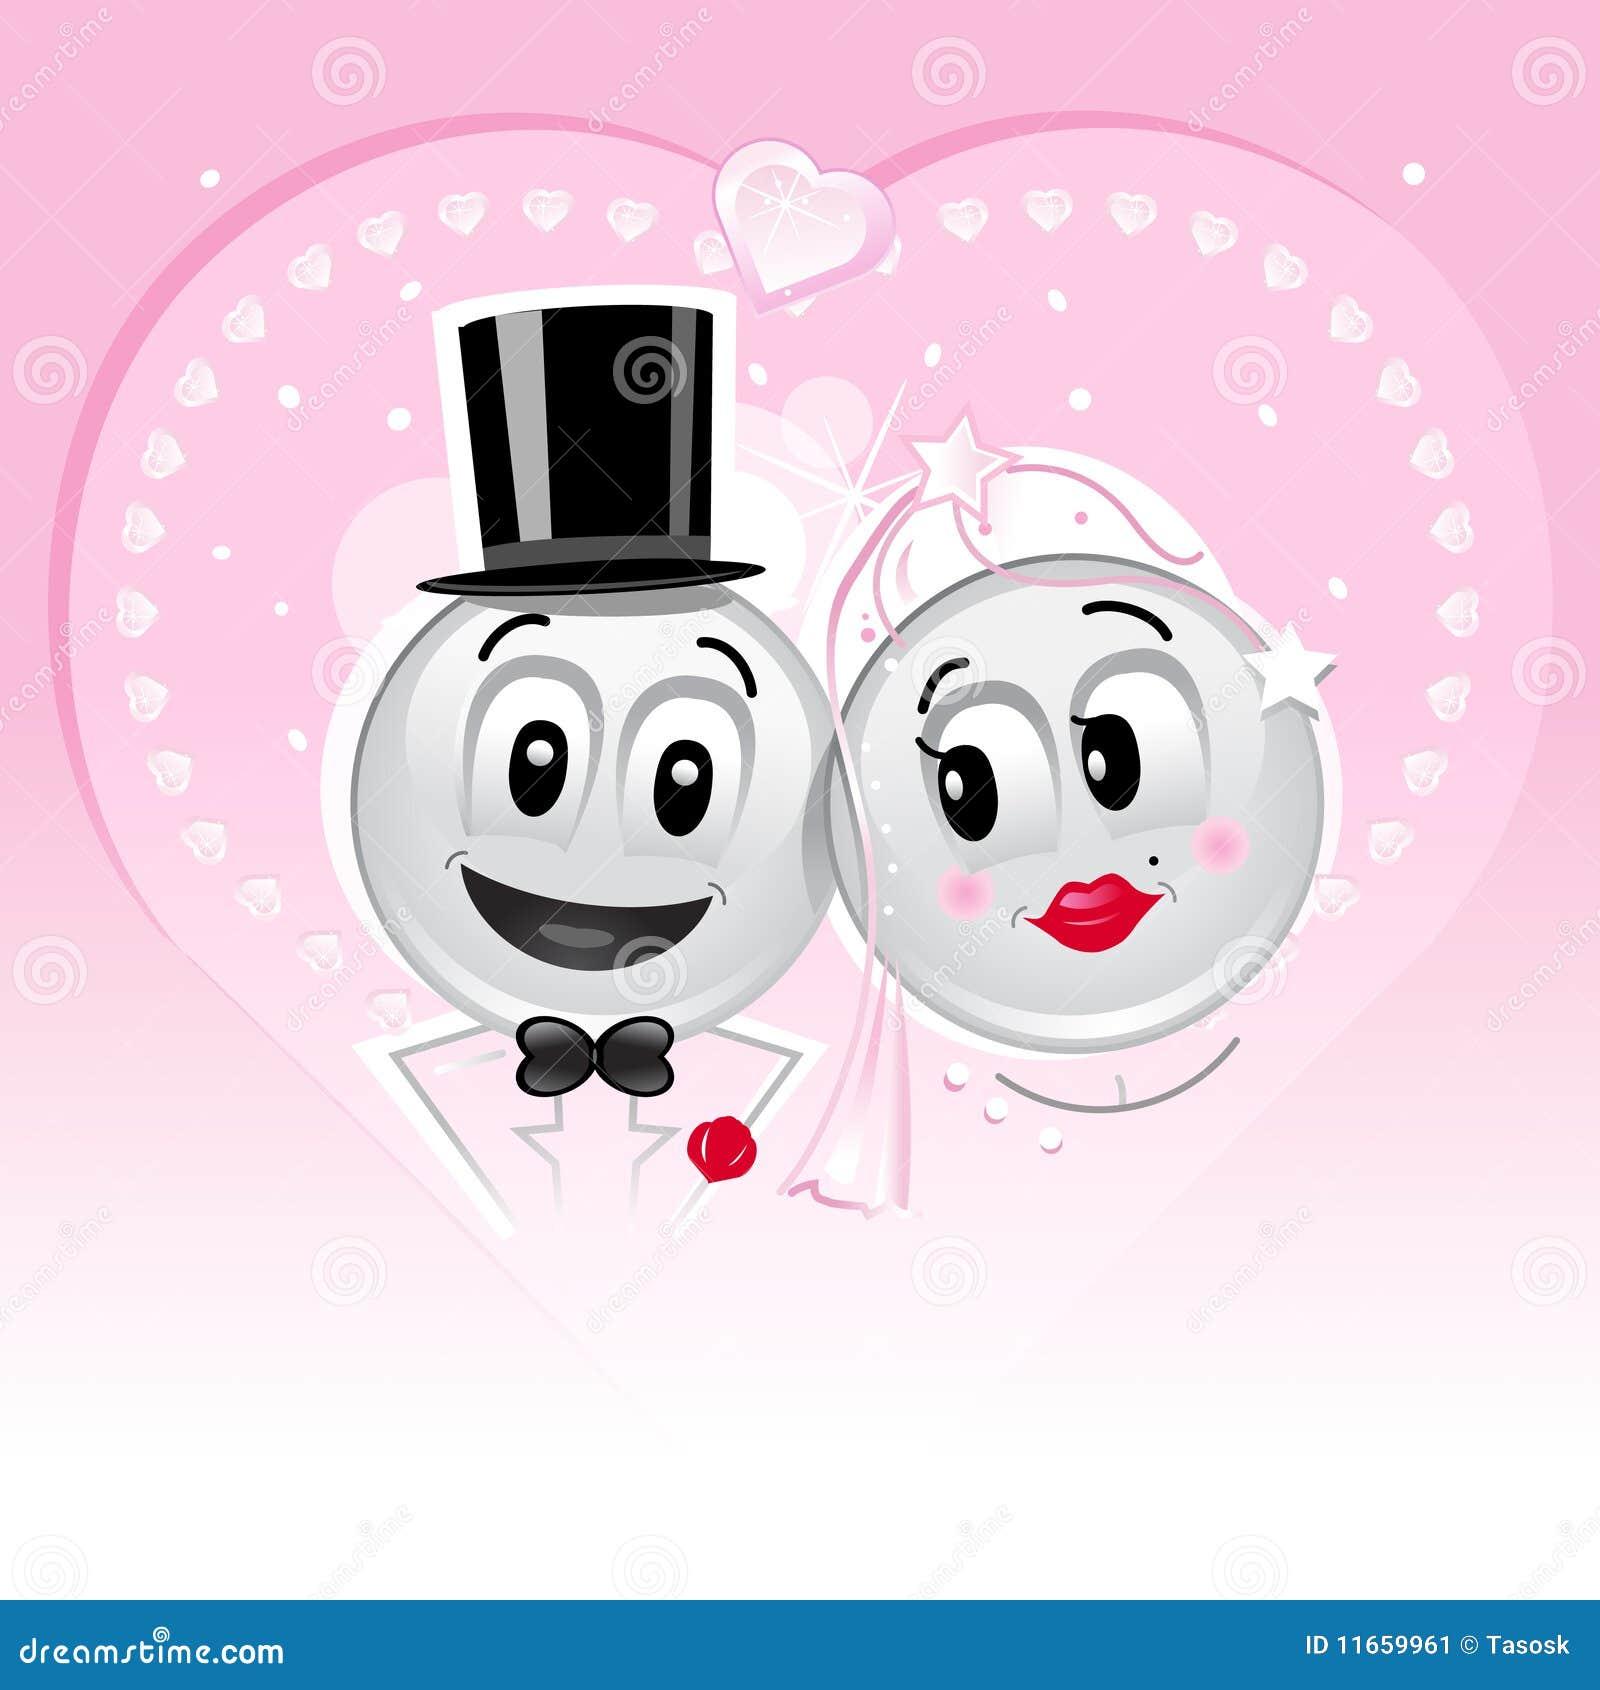 Smileys Wedding Stock Image - Image: 11659961